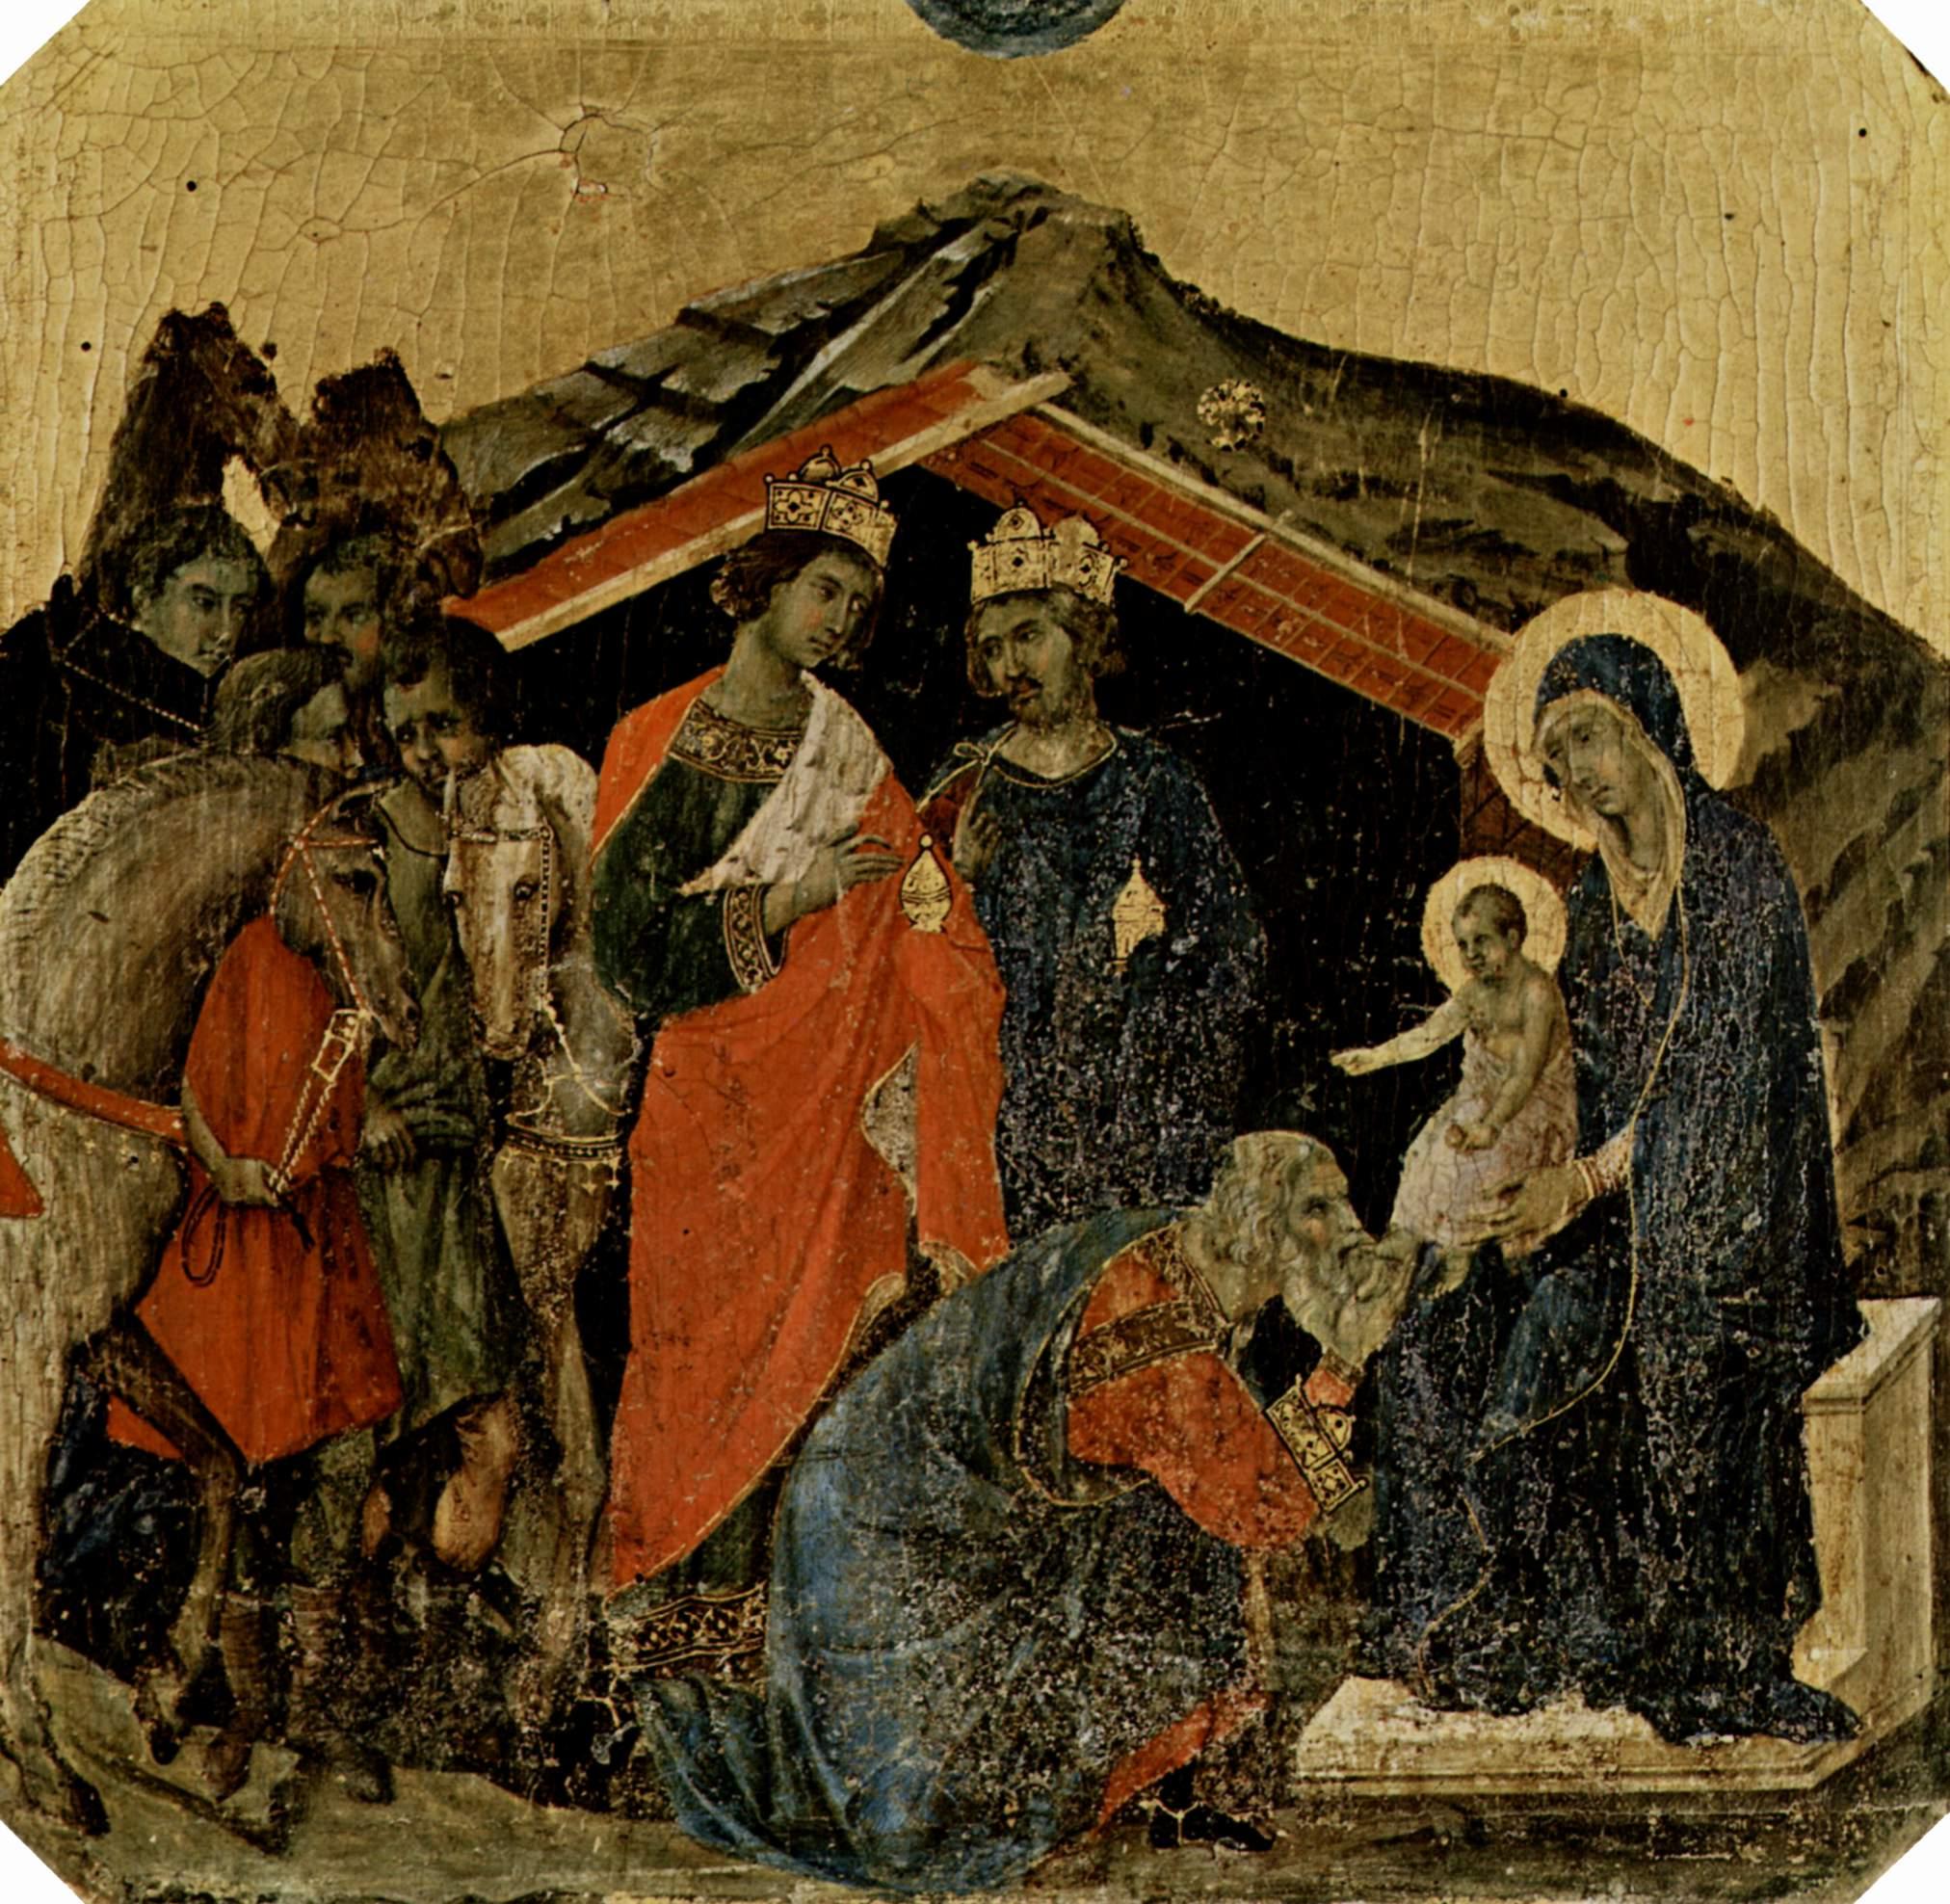 Маэста, алтарь сиенского кафедрального собора, передняя сторона, пределла со сценами из детства Иисуса, Дуччо ди Буонинсенья